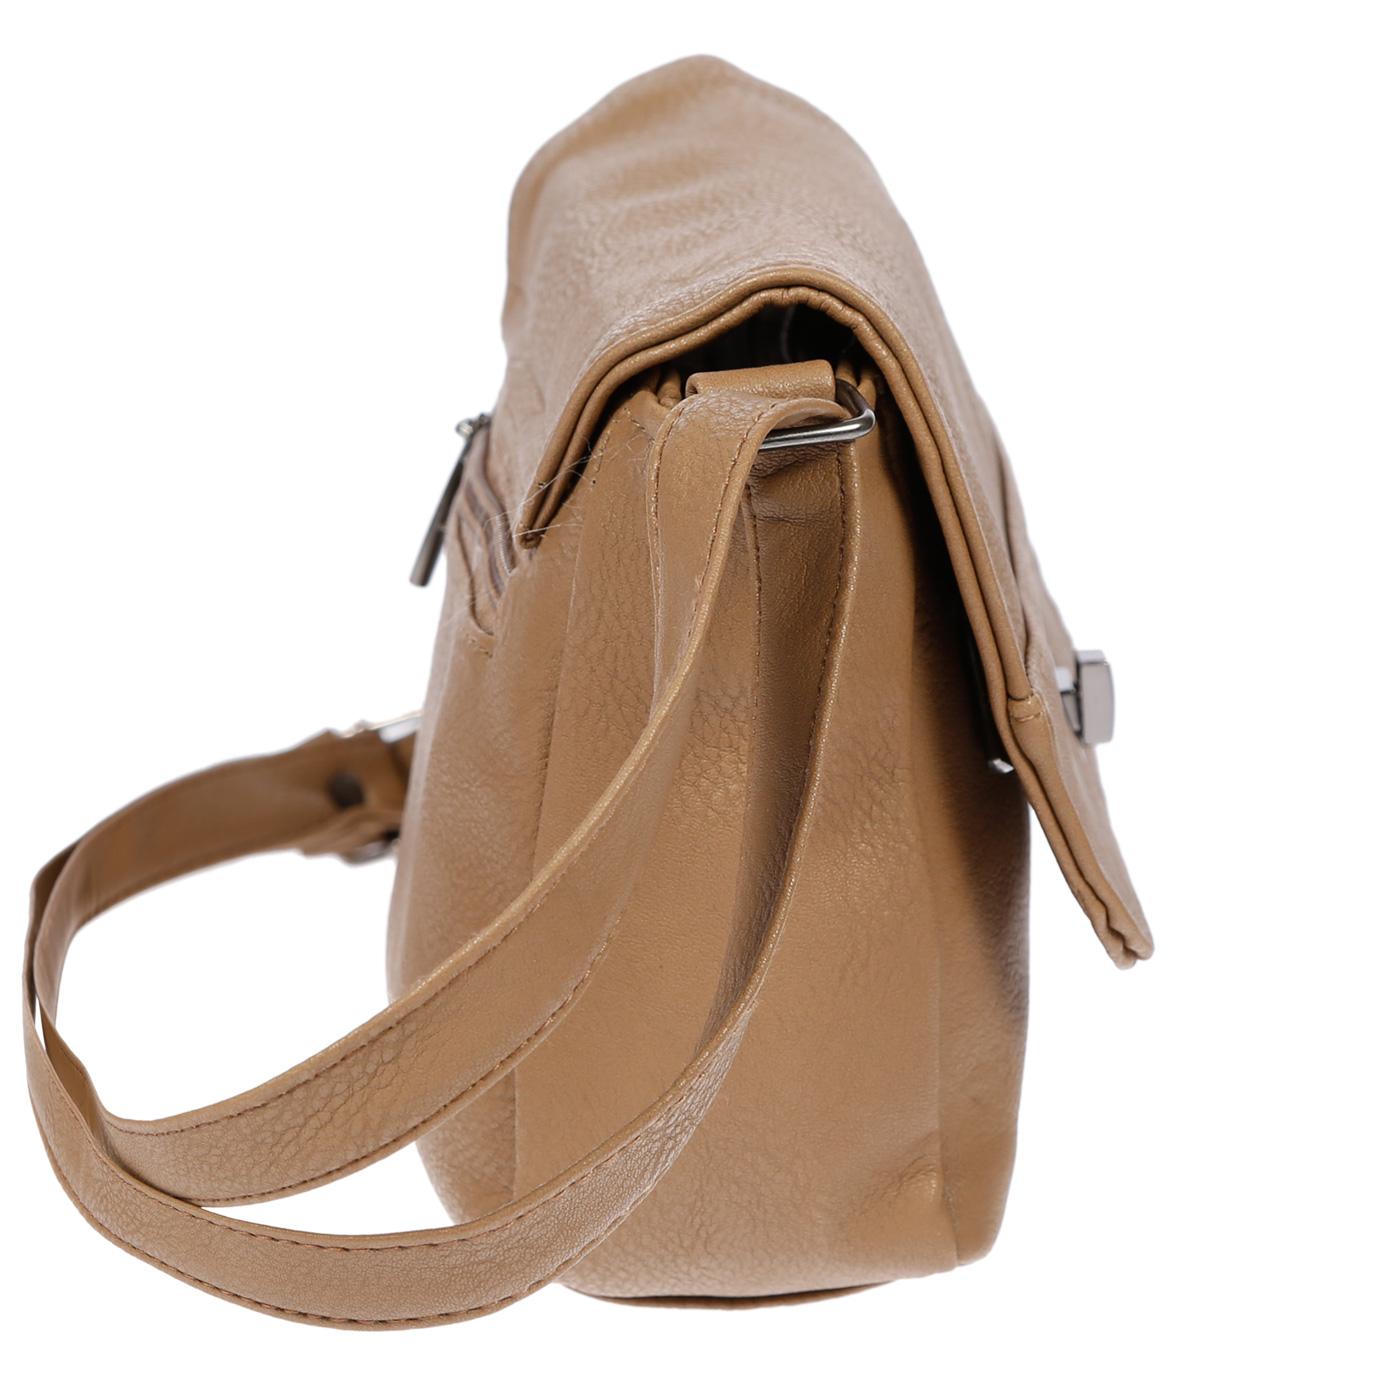 Kleine-Damen-Tasche-Umhaengetasche-Schultertasche-Crossover-Bag-Leder-Optik-NEU Indexbild 31